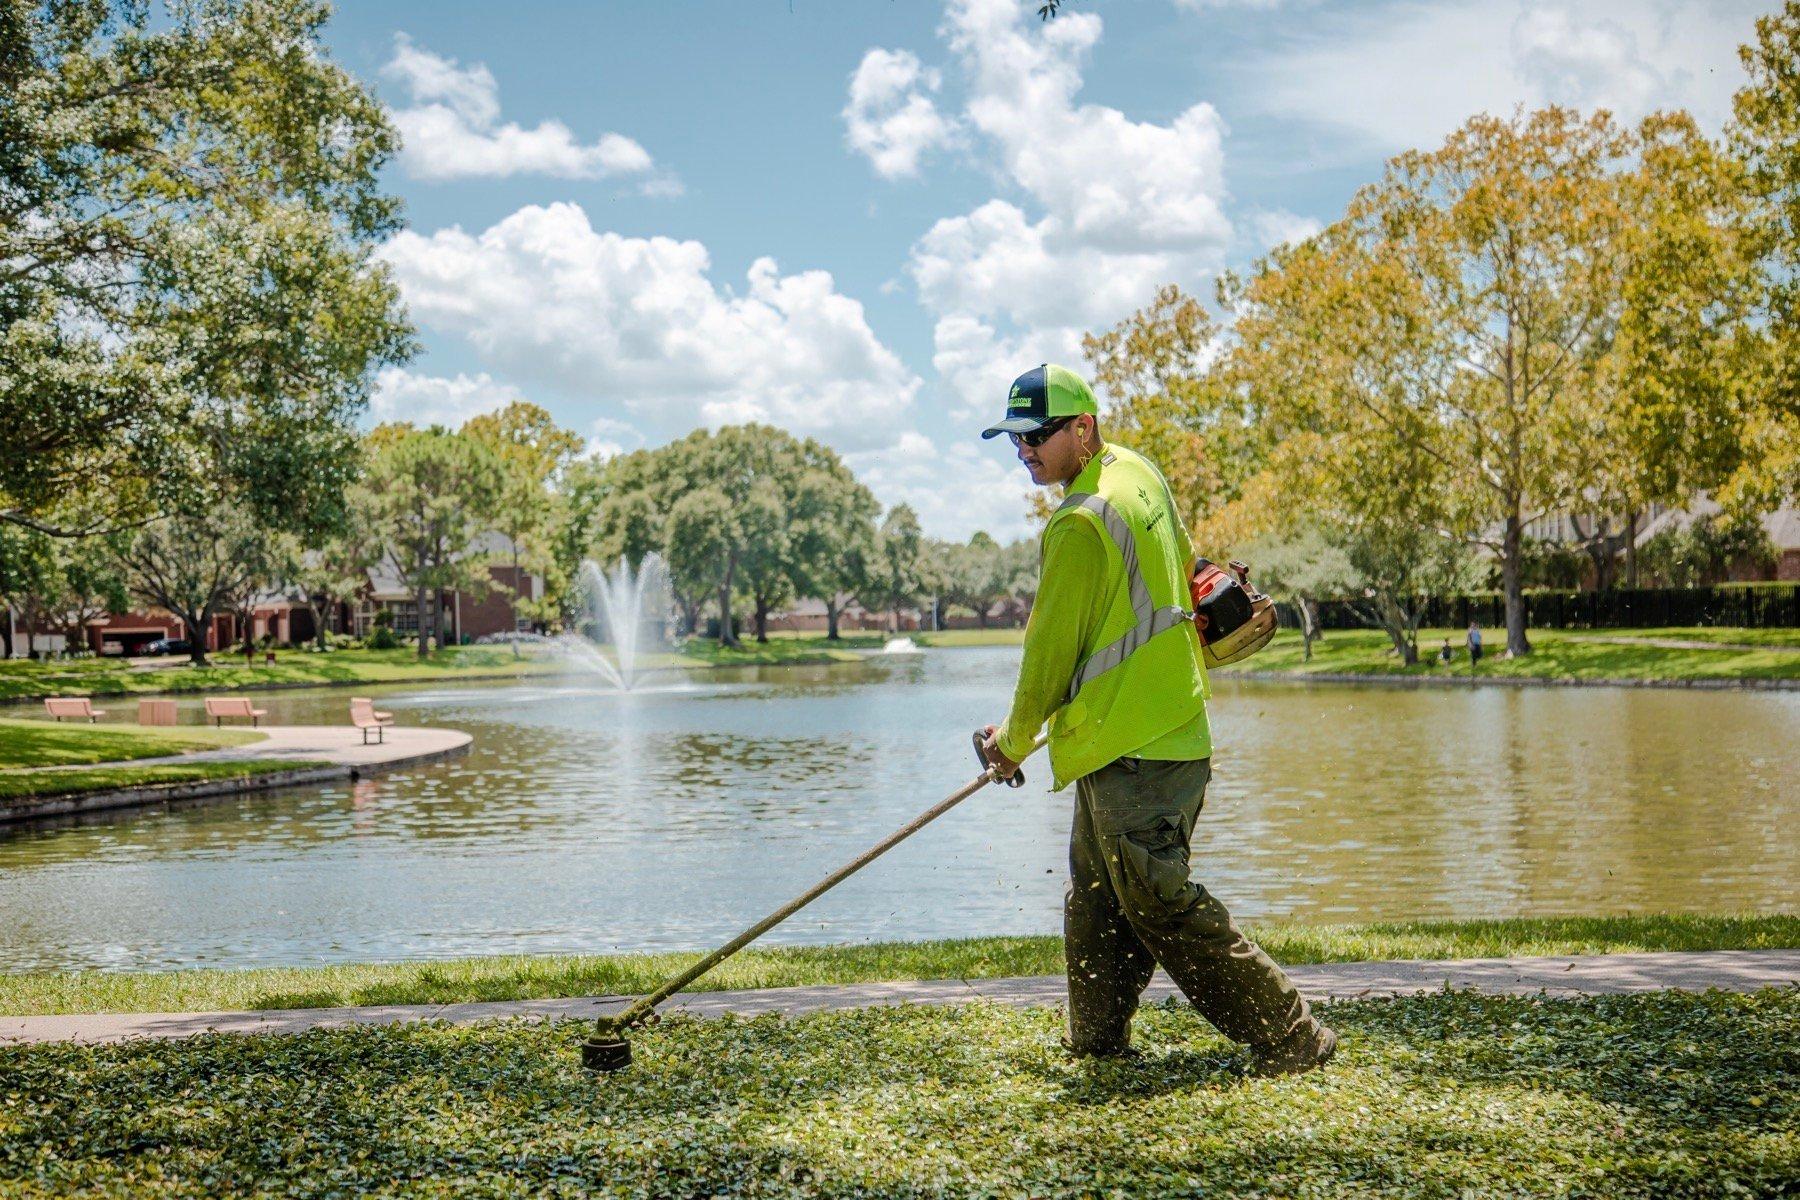 Maintenance team trimming grass